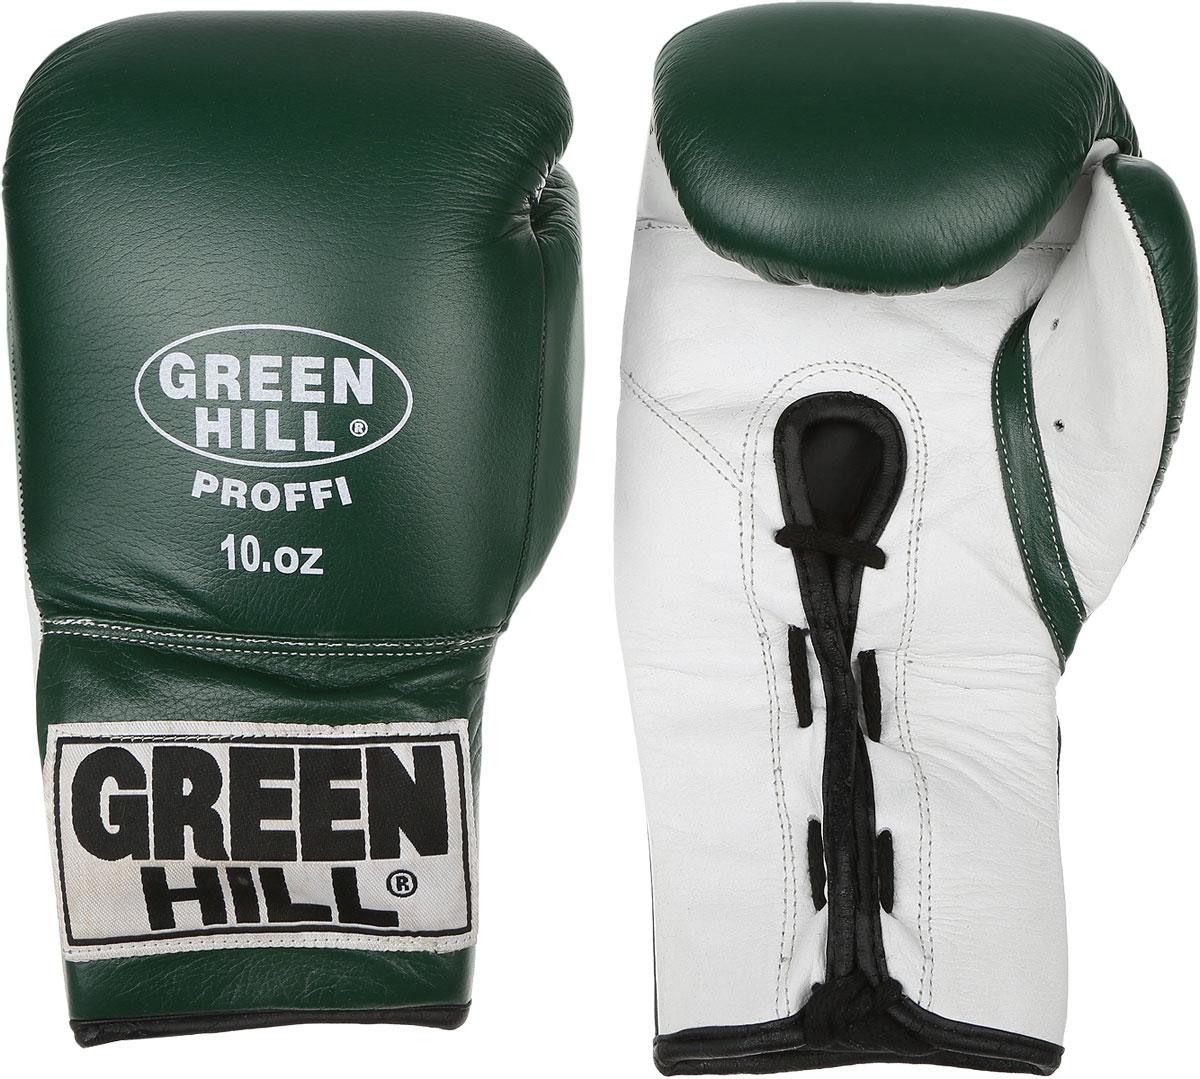 Перчатки боксерские Green Hill Proffi, цвет: зеленый, белый. Вес 10 унций. BGP-2014BGP-2014Боксерские перчатки Green Hill Proffi предназначены для использования профессионалами. Верх выполнен из натуральной кожи, наполнитель - из вспененного полимера. Отверстие в области ладони позволяет создать максимально комфортный терморежим во время занятий. Манжет на шнуровке способствует быстрому и удобному надеванию перчаток, плотно фиксирует перчатки на руке.